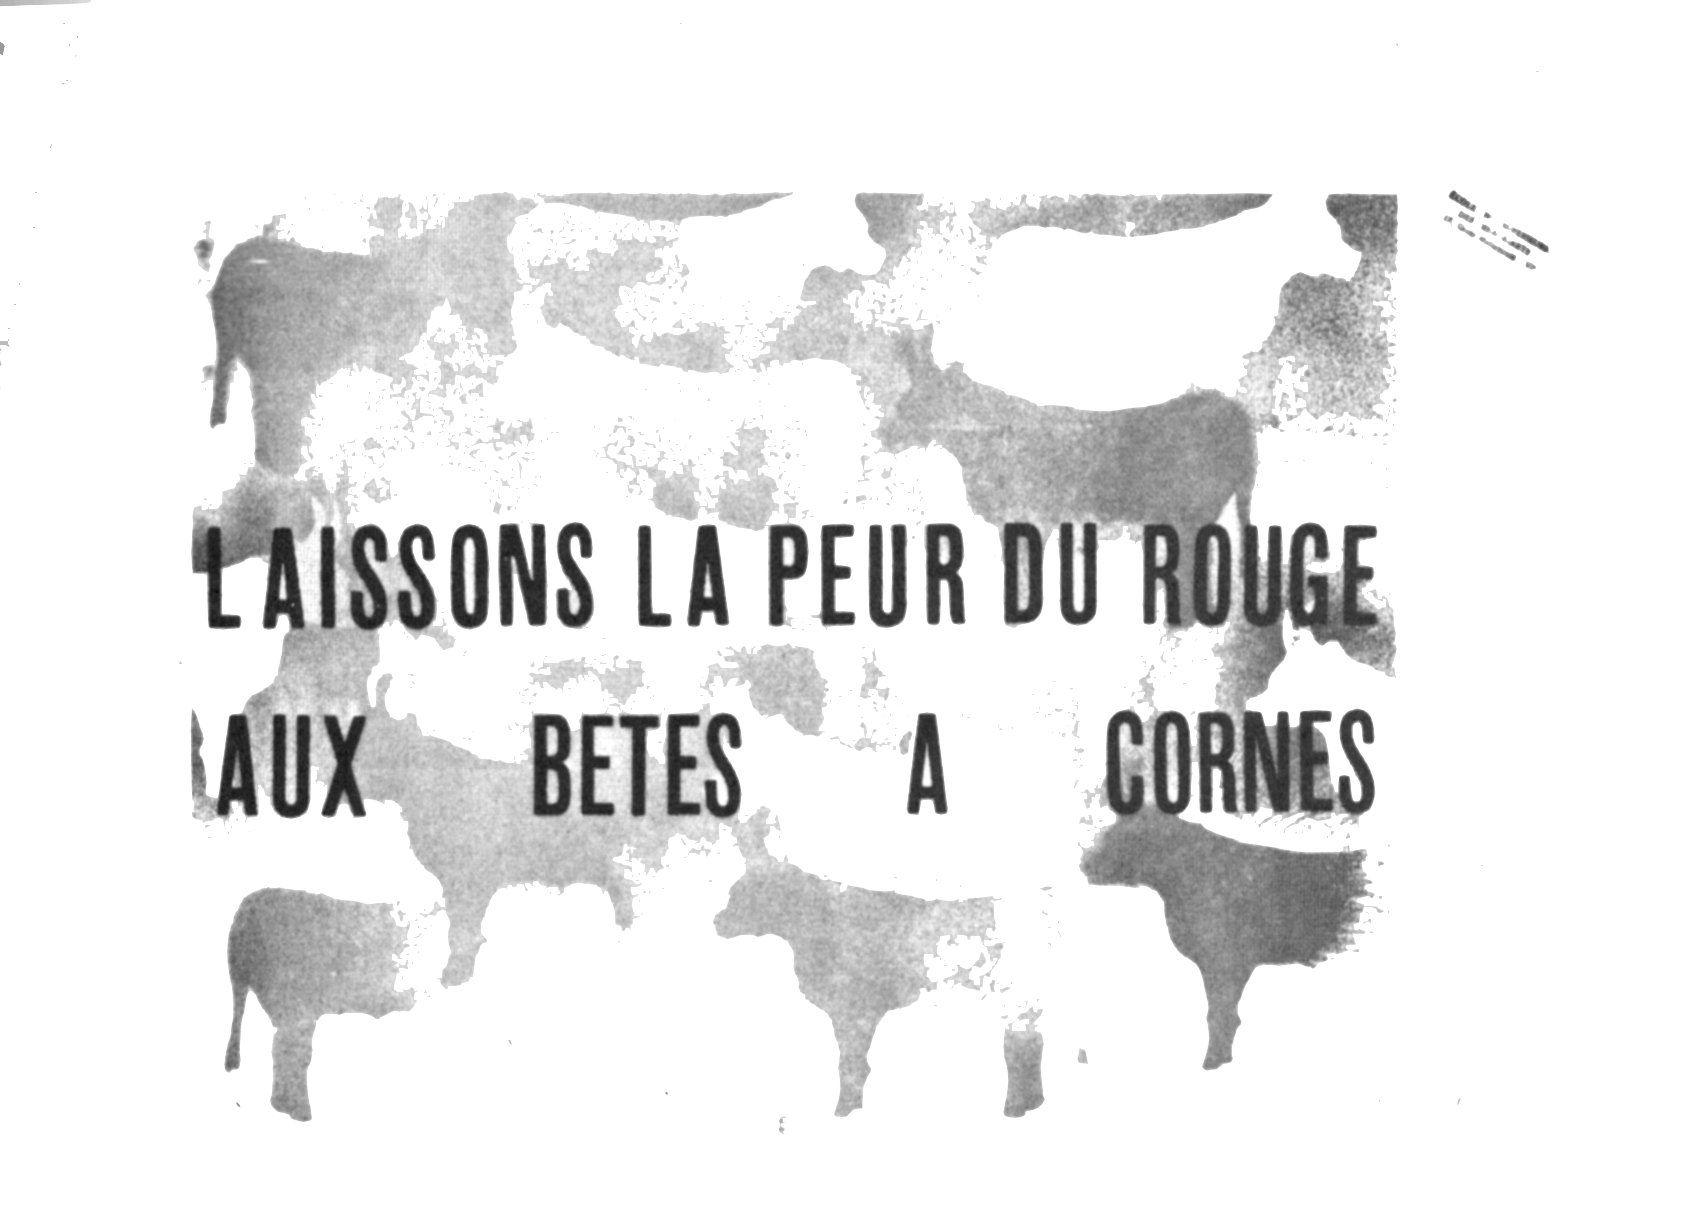 0144cf910ef 1968 mai Laissons la Peur du Rouge aux Bêtes à Cornes